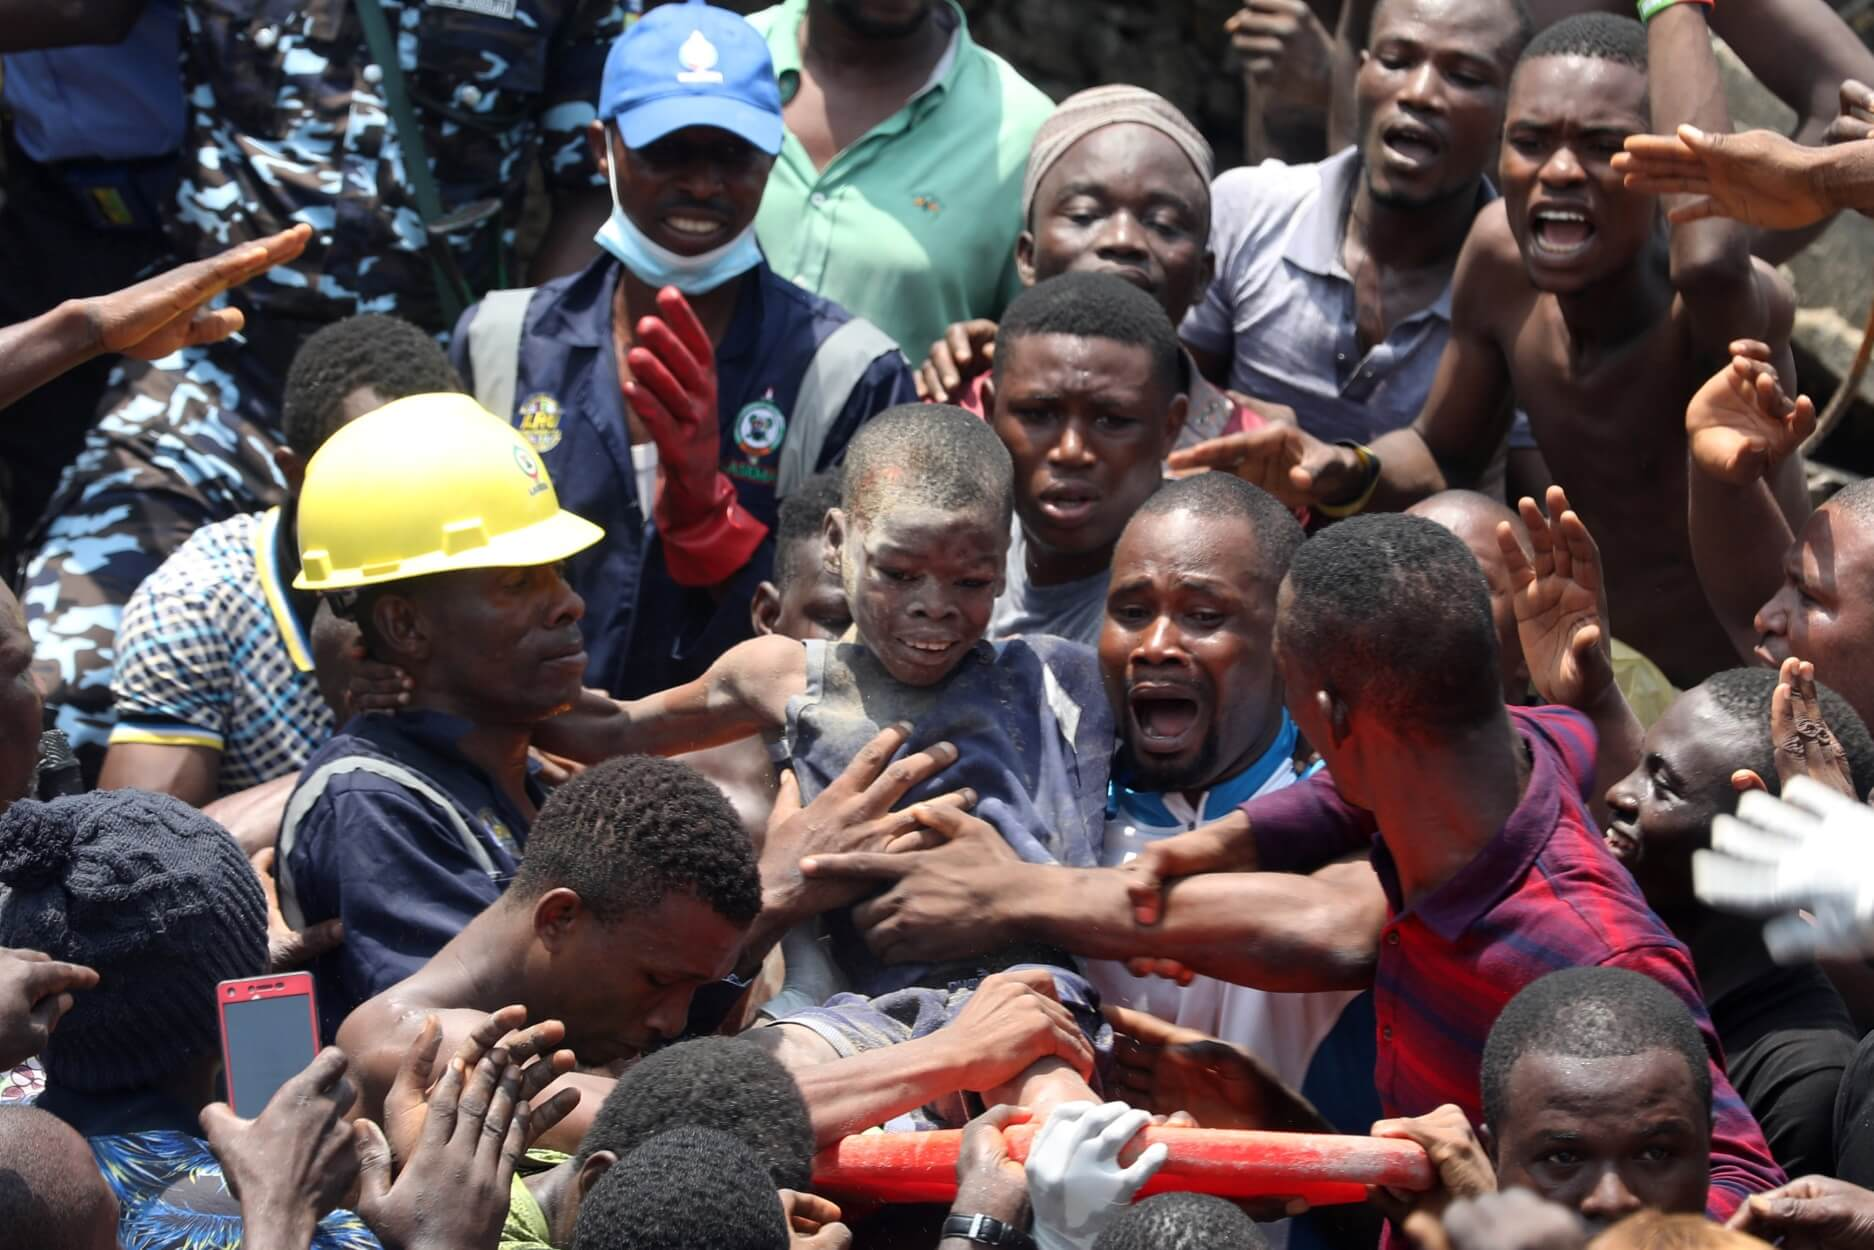 Νιγηρία: Βγάζουν παιδιά από τα συντρίμμια του σχολείου που κατέρρευσε! – Video